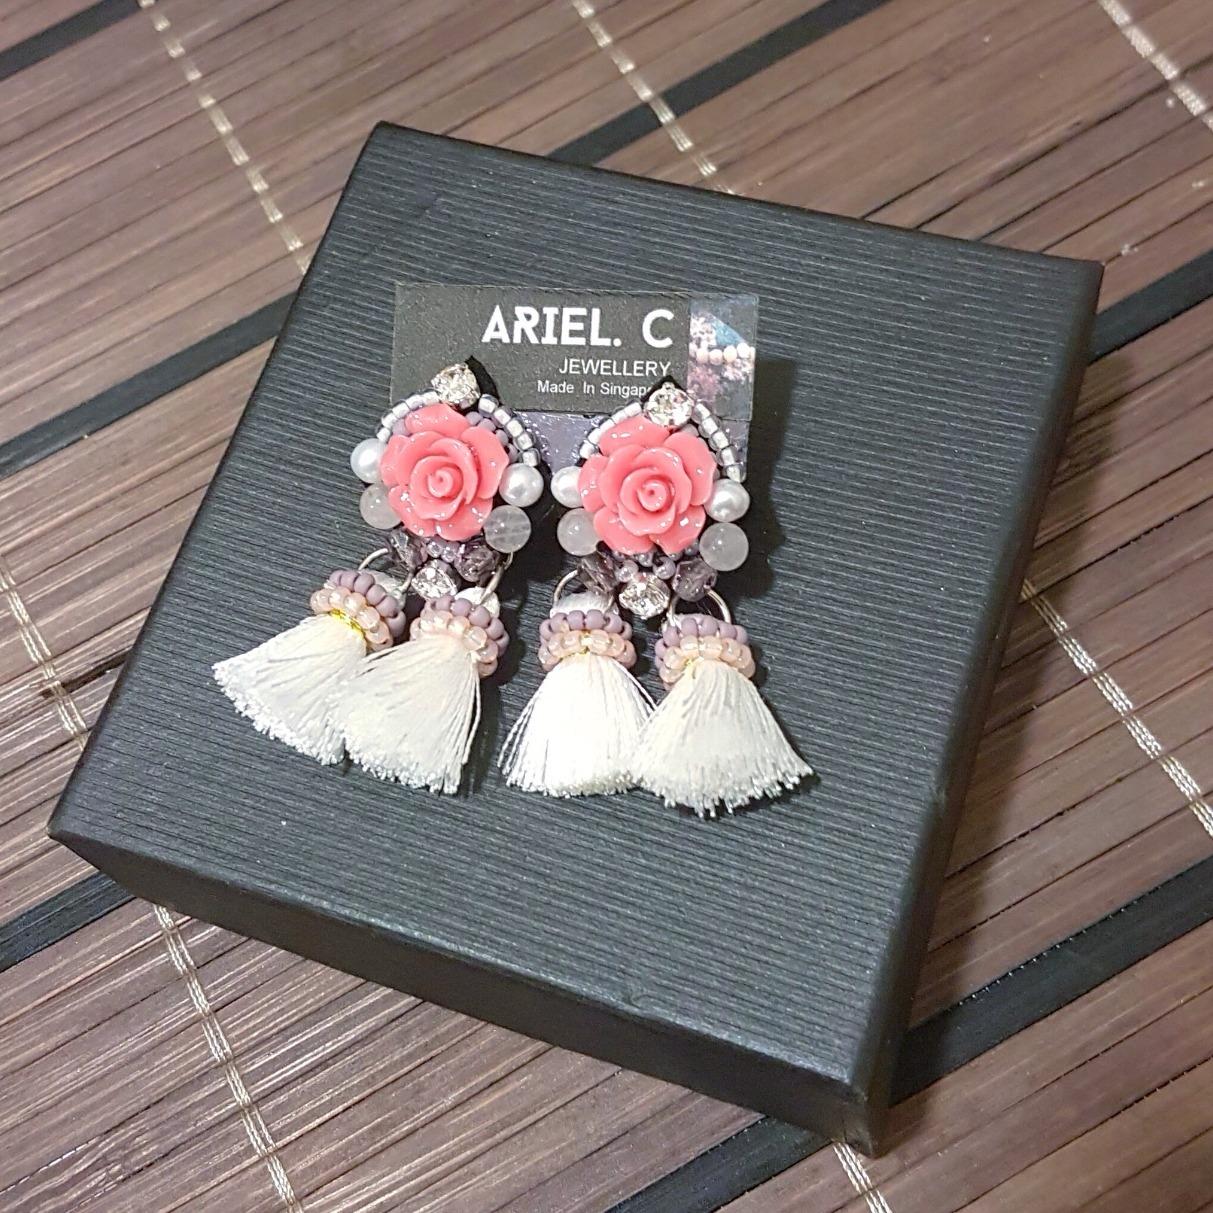   ART024   Blush Rosette Earrings